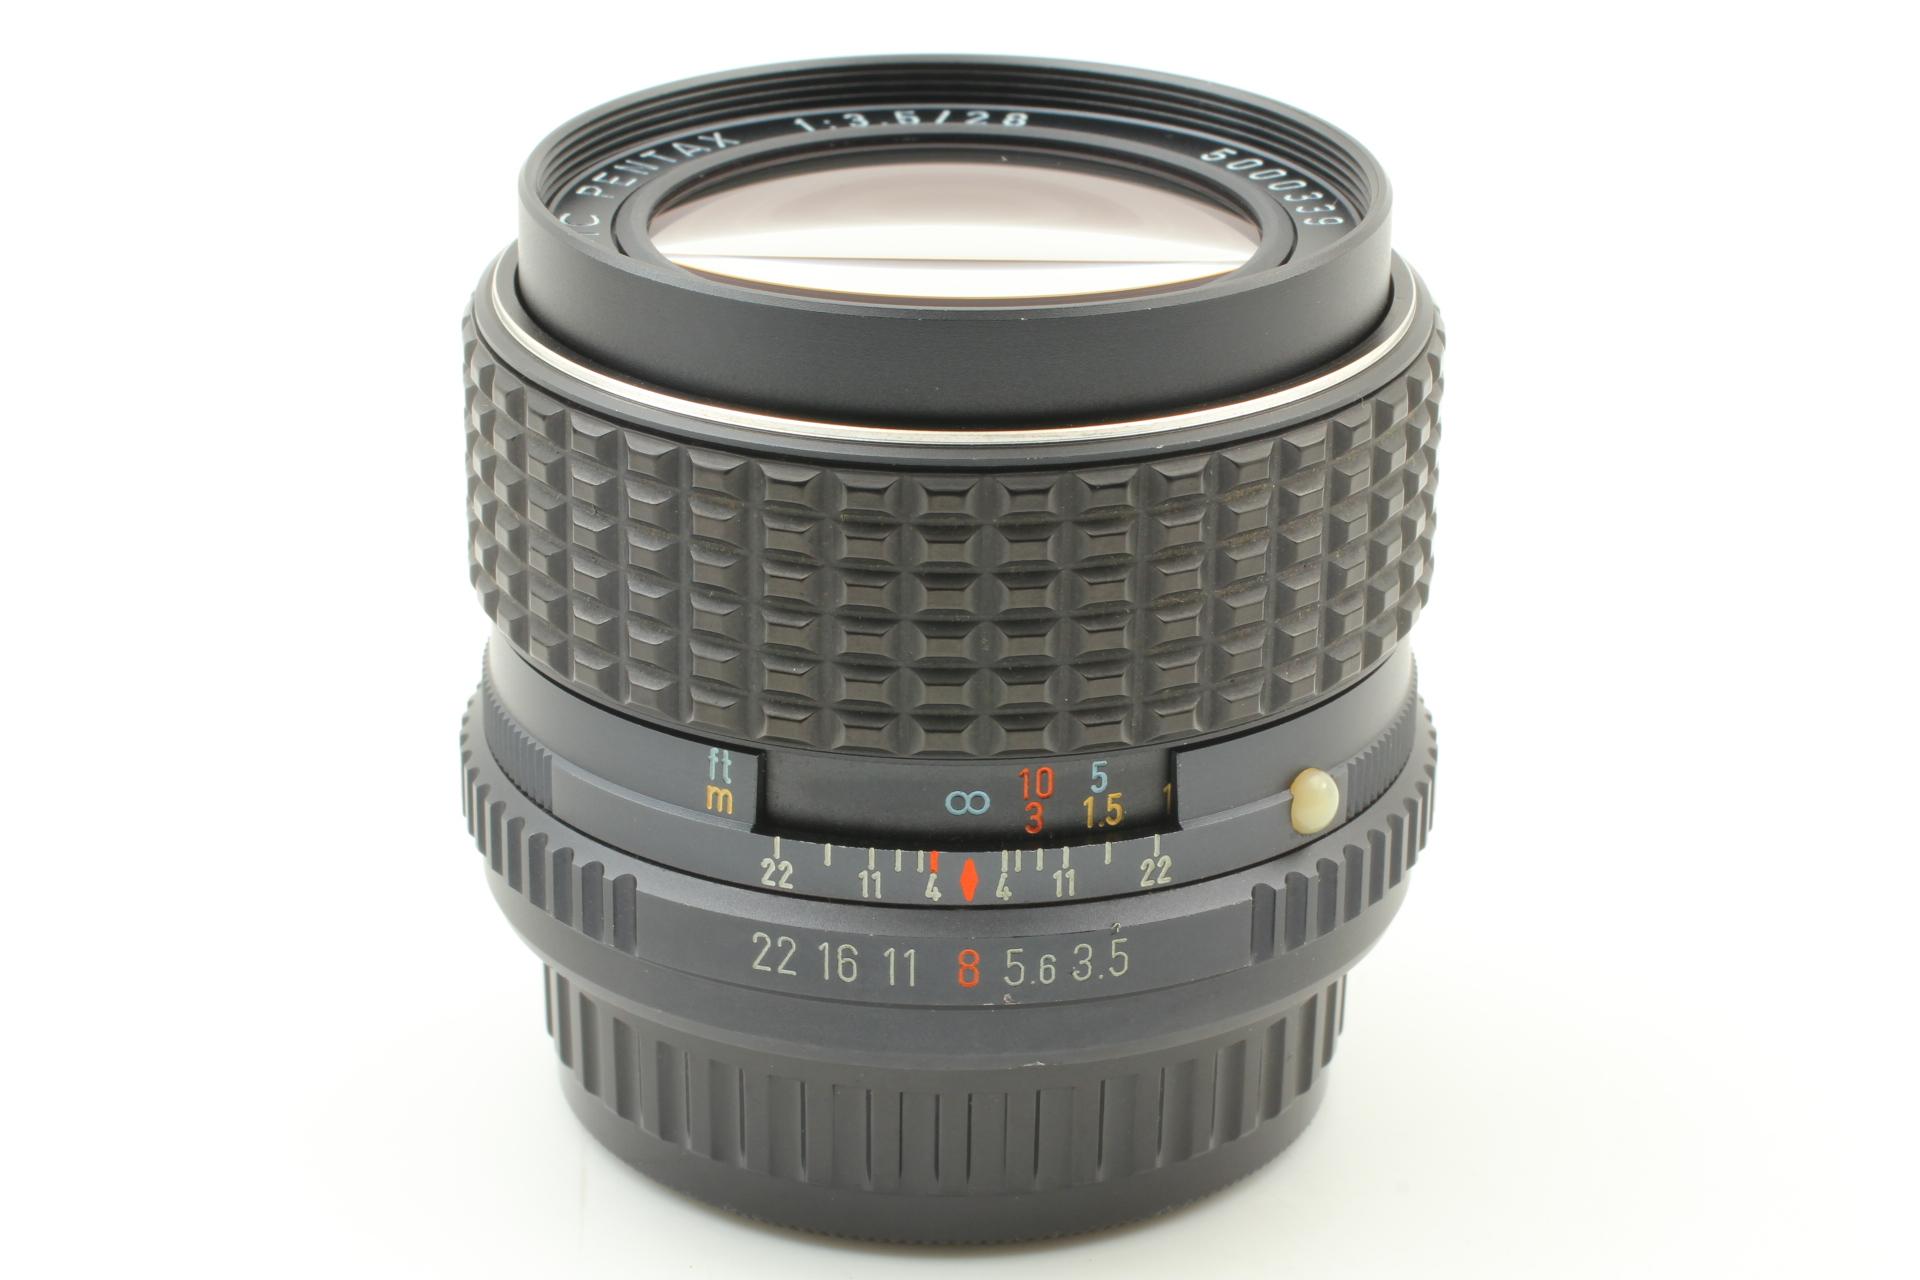 ペンタックス SMC 28mm F3.5(レンズ)